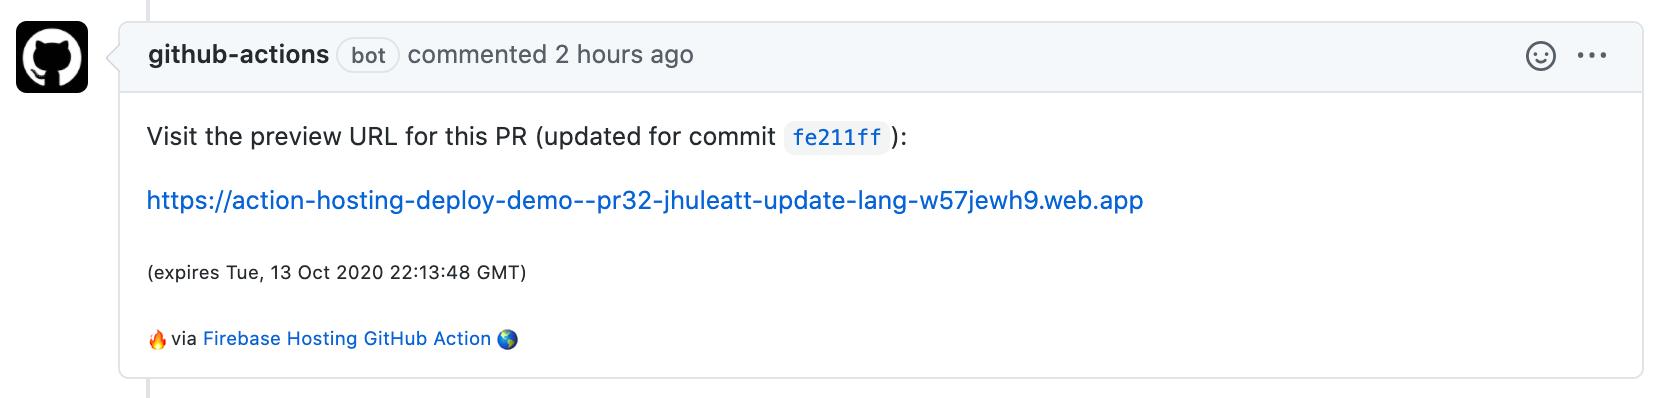 帶有預覽URL的GitHub Action PR評論圖像